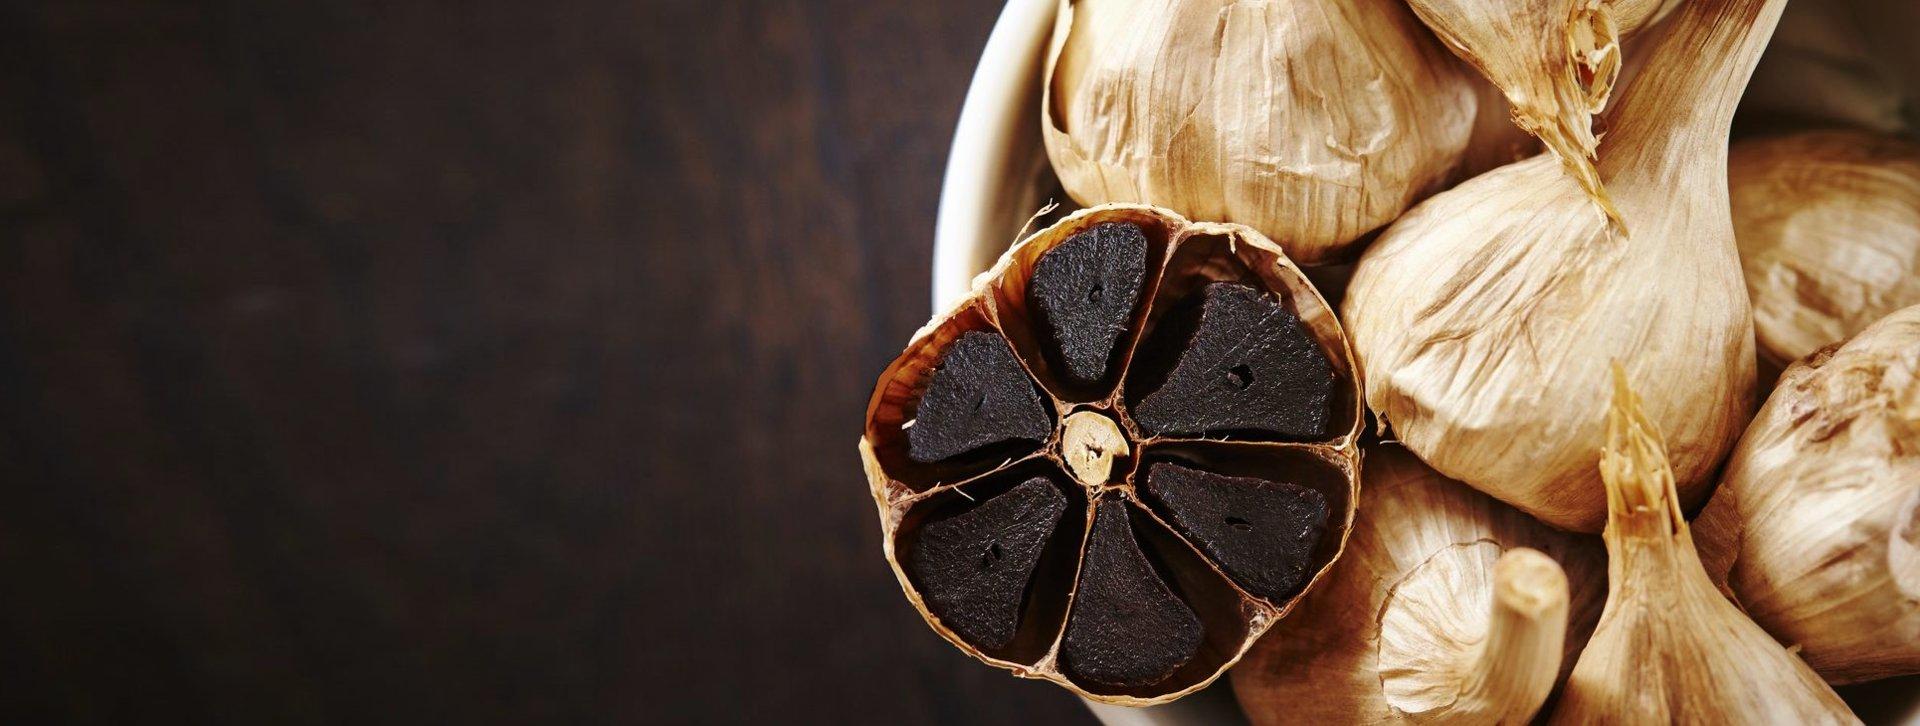 Черный чеснок - ключ к долголетию и жизненной энергии!